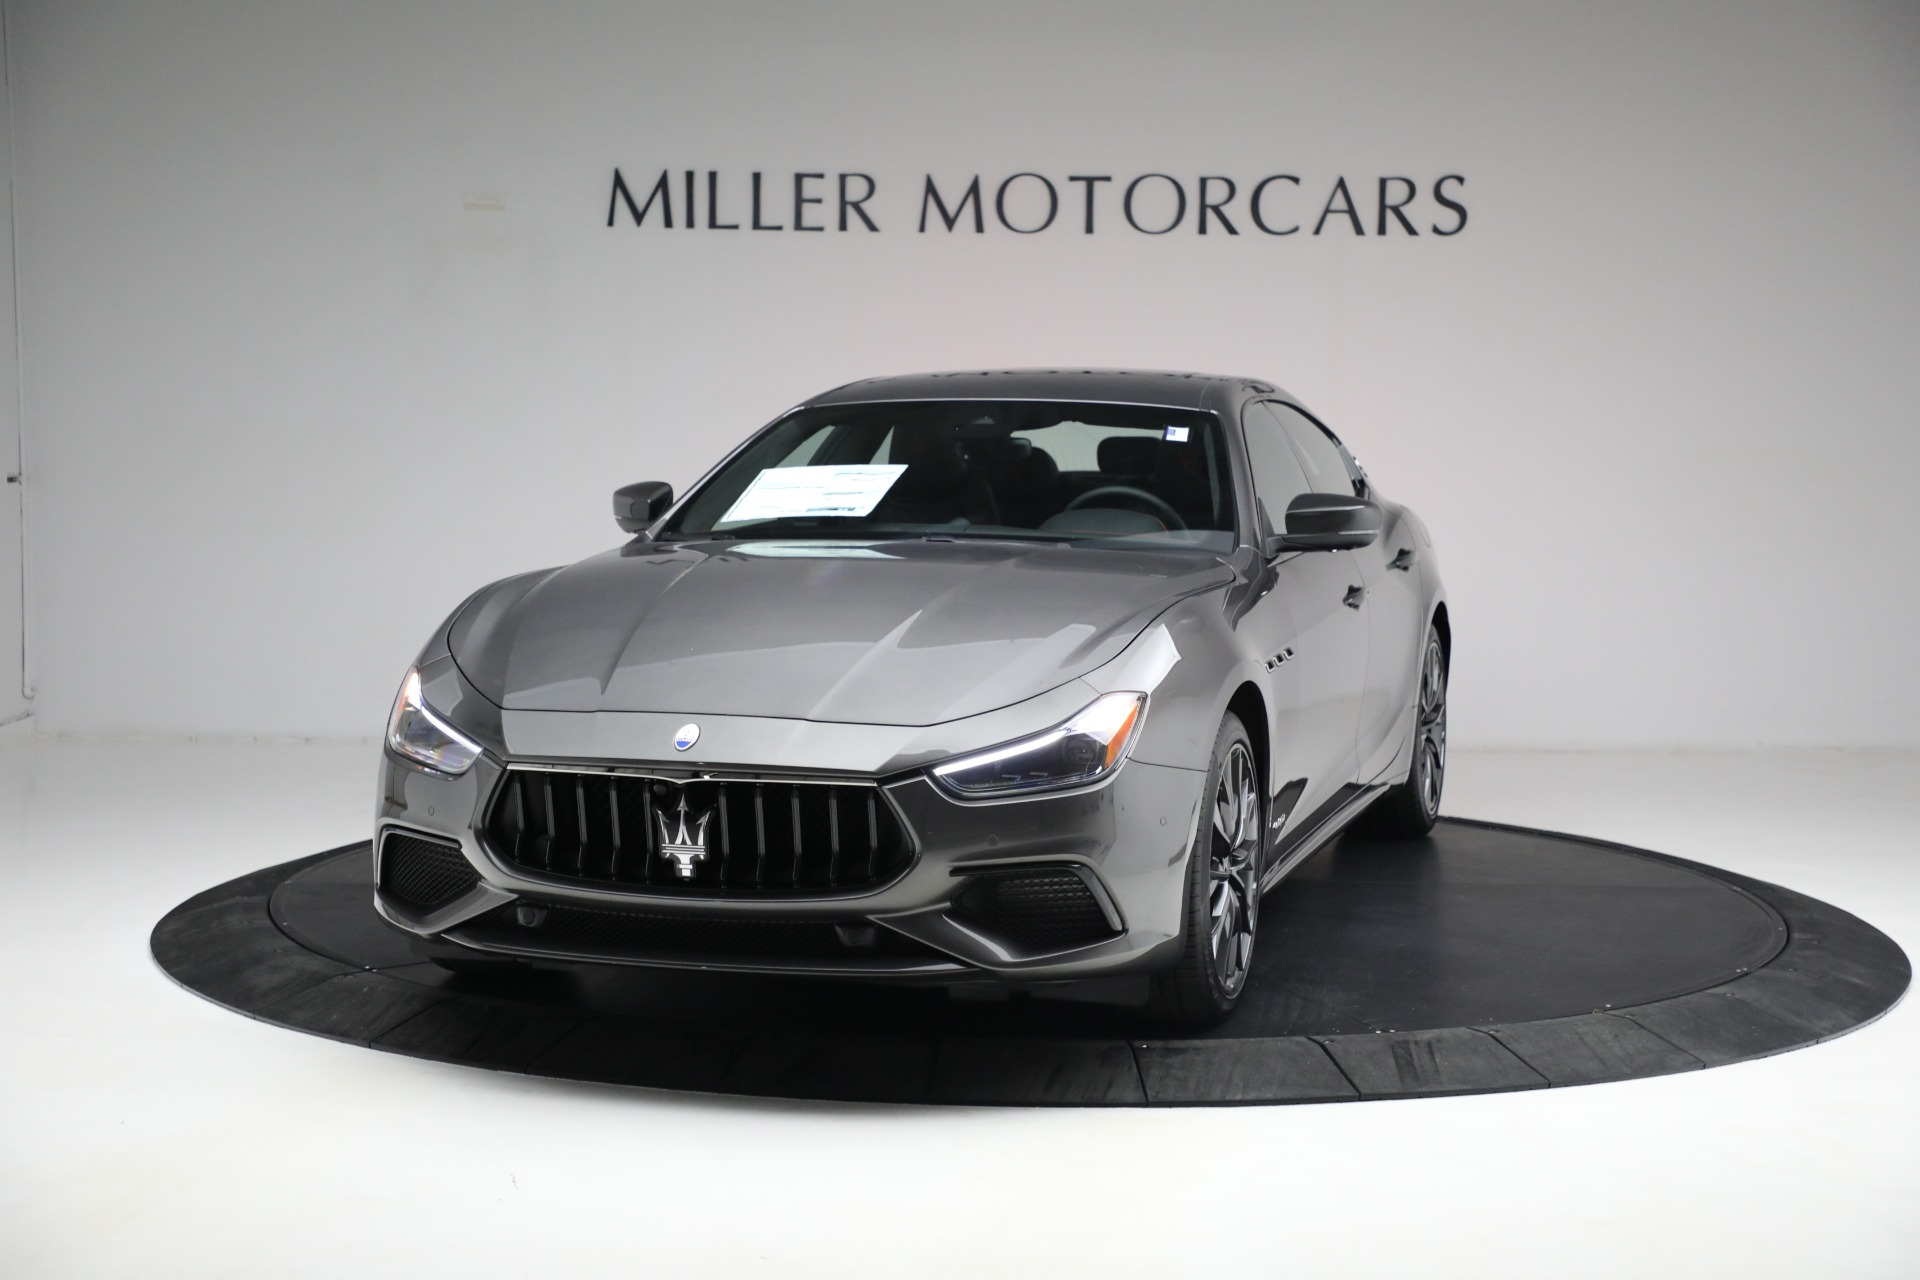 New 2021 Maserati Ghibli S Q4 GranSport | Greenwich, CT